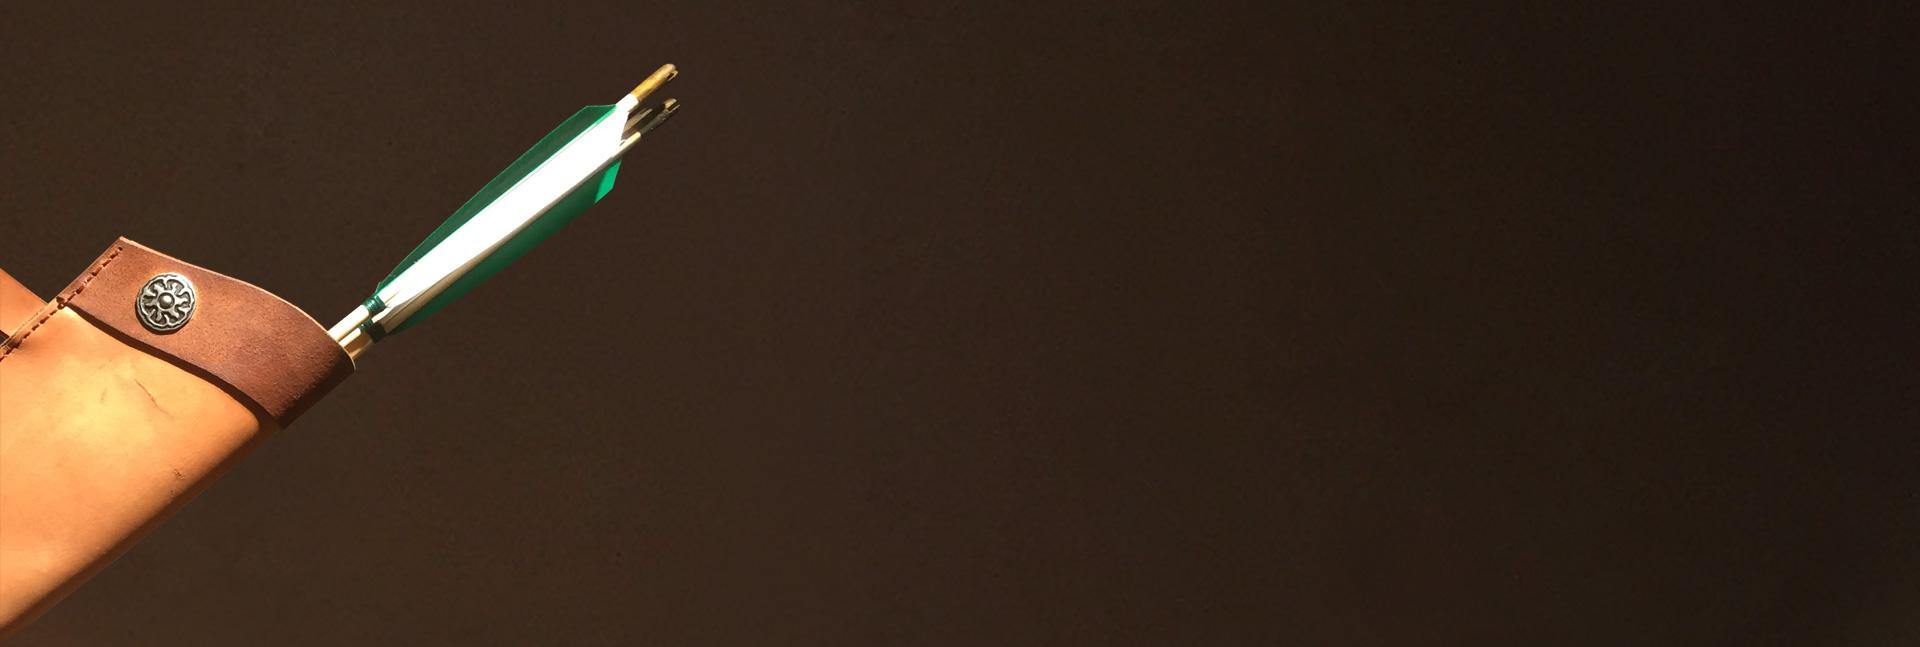 bowfire, BOWFIRE, Bogenschule, Fachhandel, Bogenparcours, Bogen kaufen, Zubehör, Bogenschießen, Bogenreisen, Bogenevents, Kiel, Schleswig Holstein, Deutschland, Geschenkgutschein, Geschenkidee,